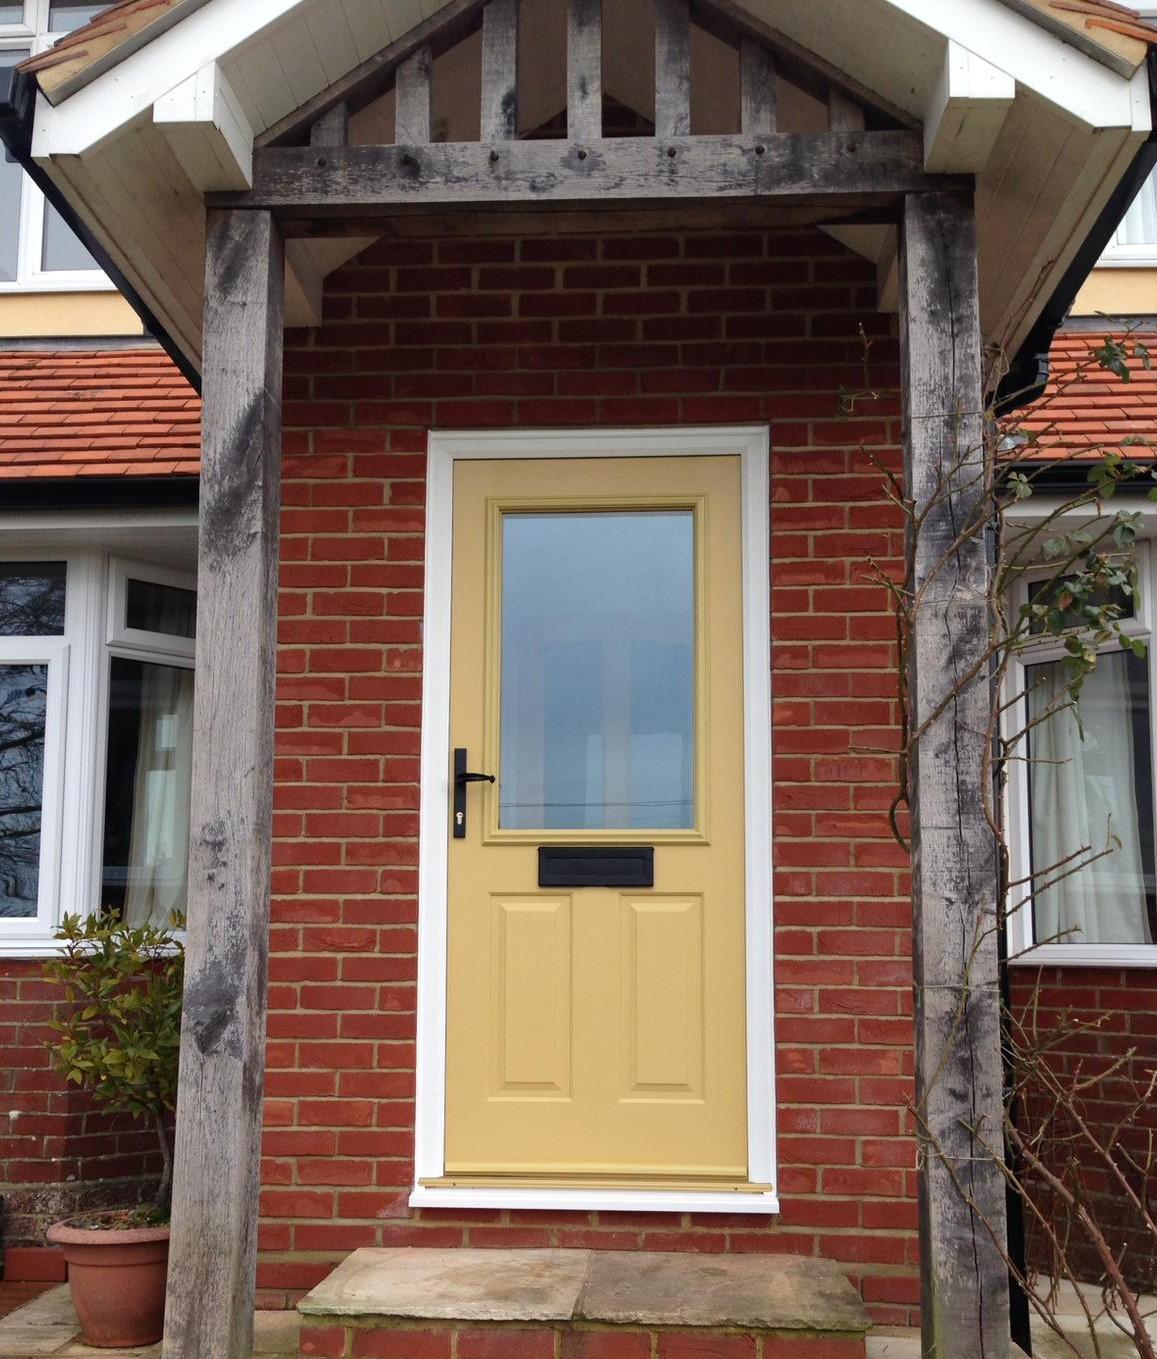 Bright yellow composite door design by 21st century.